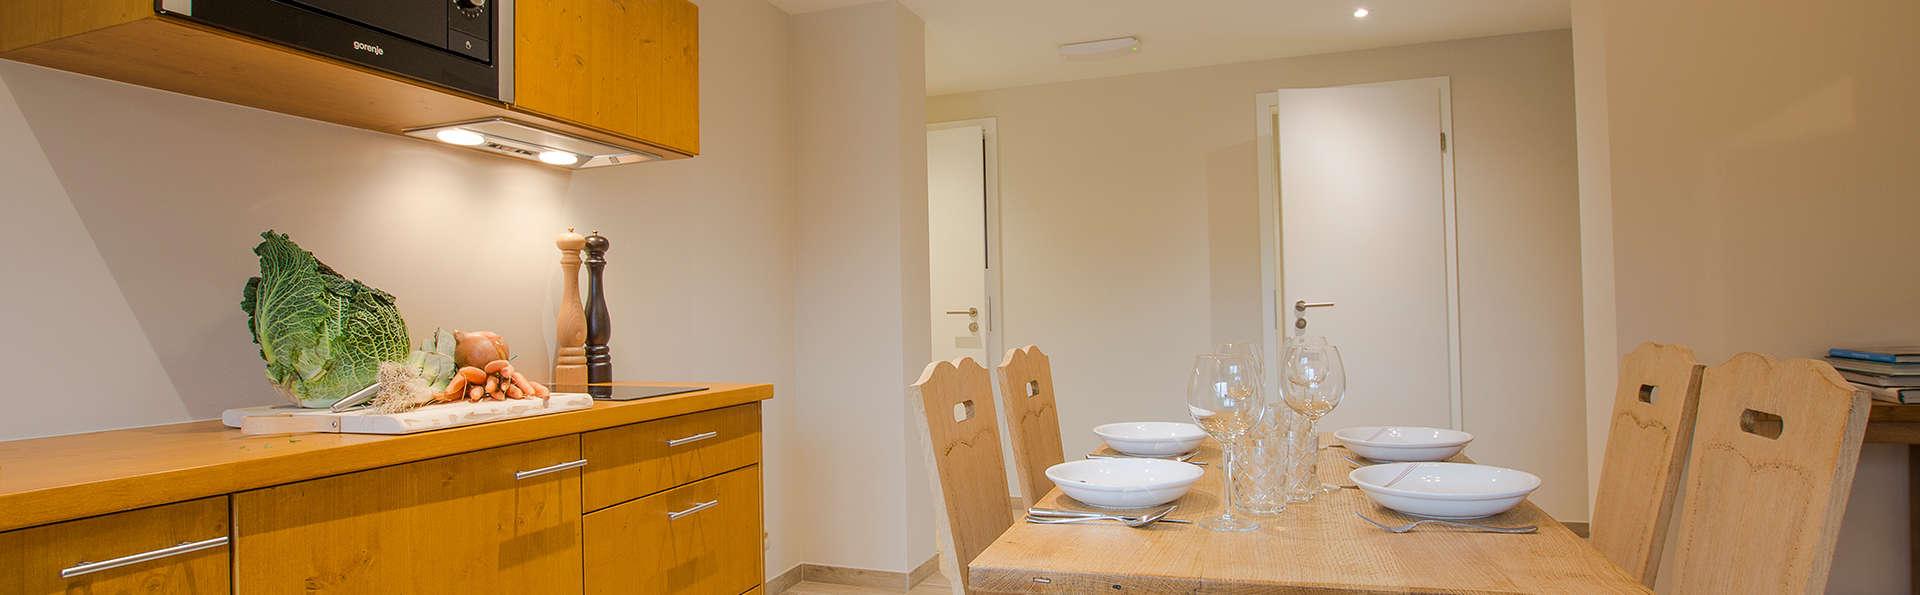 Séjournez dans un élégant appartement dans la campagne wallonne